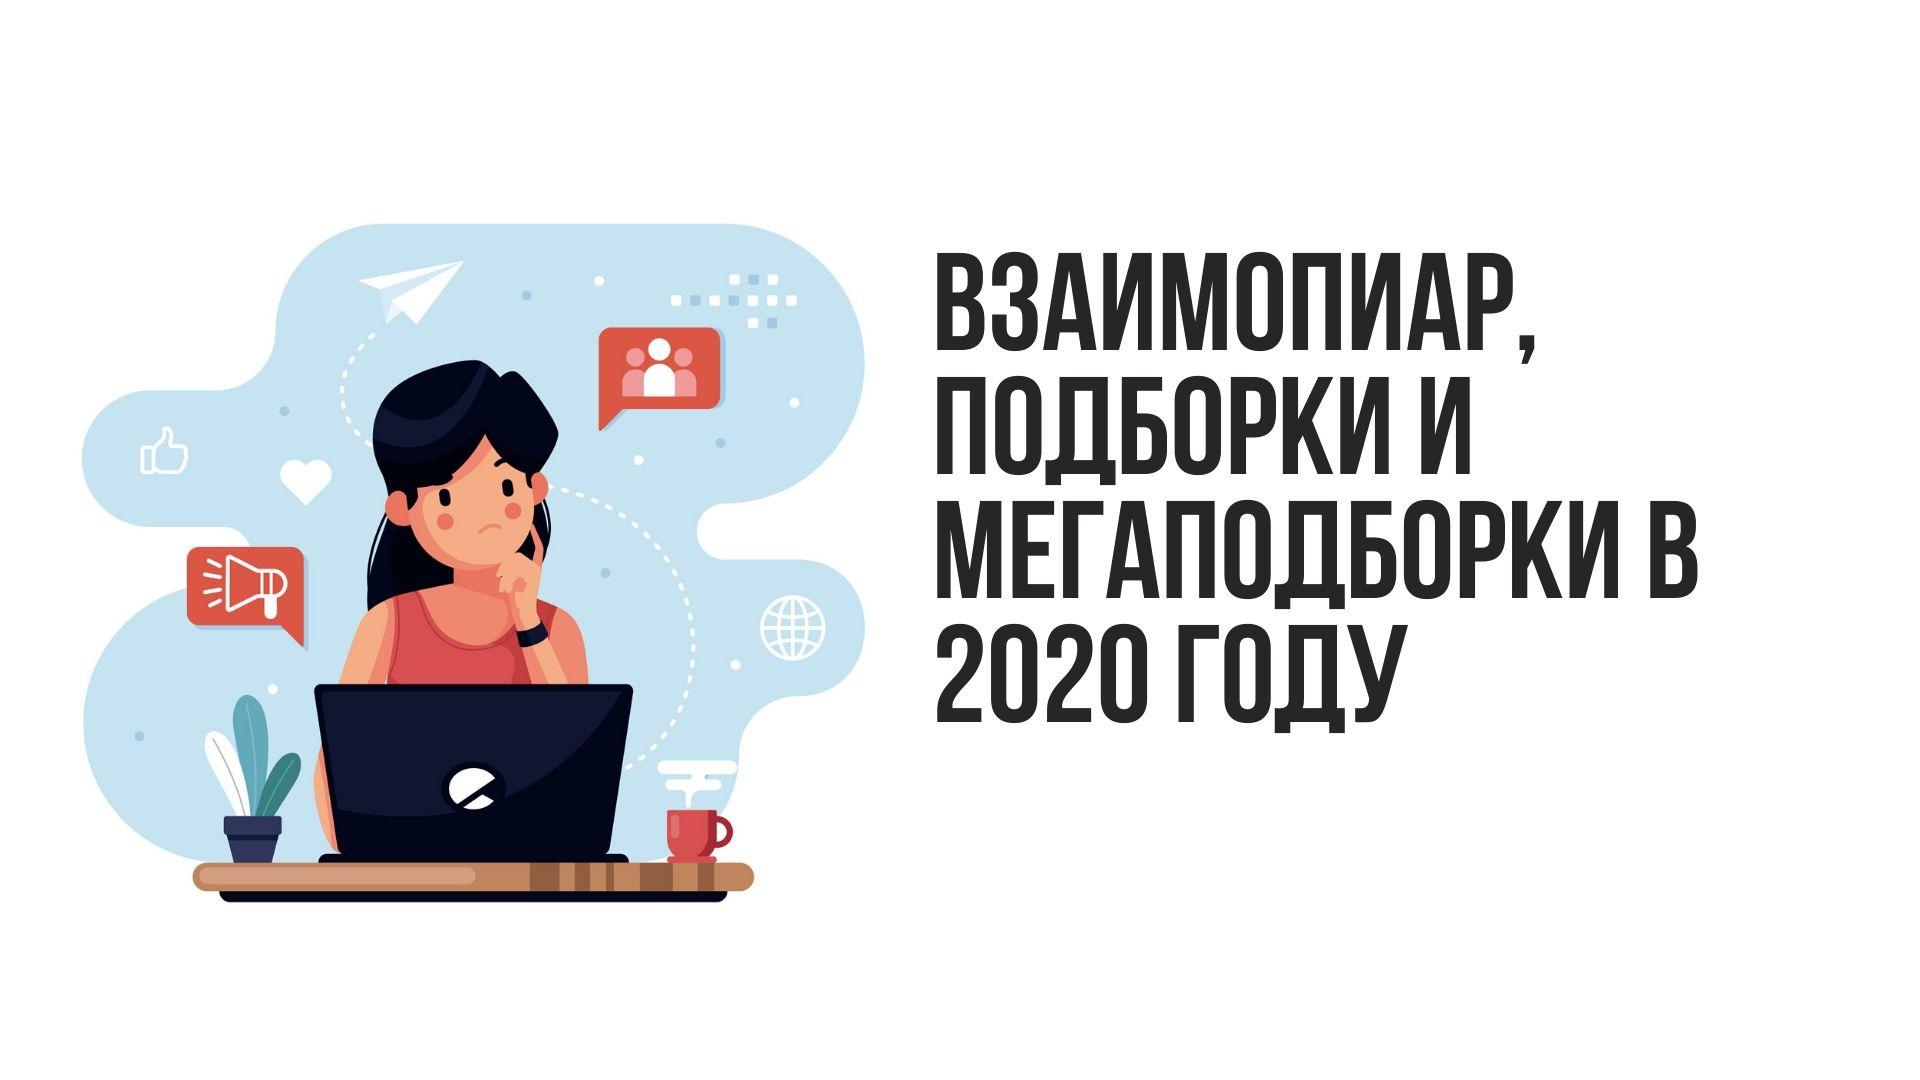 Продвижение телеграм канала через взаимопиар, подборки и мегаподборки в 2020 году